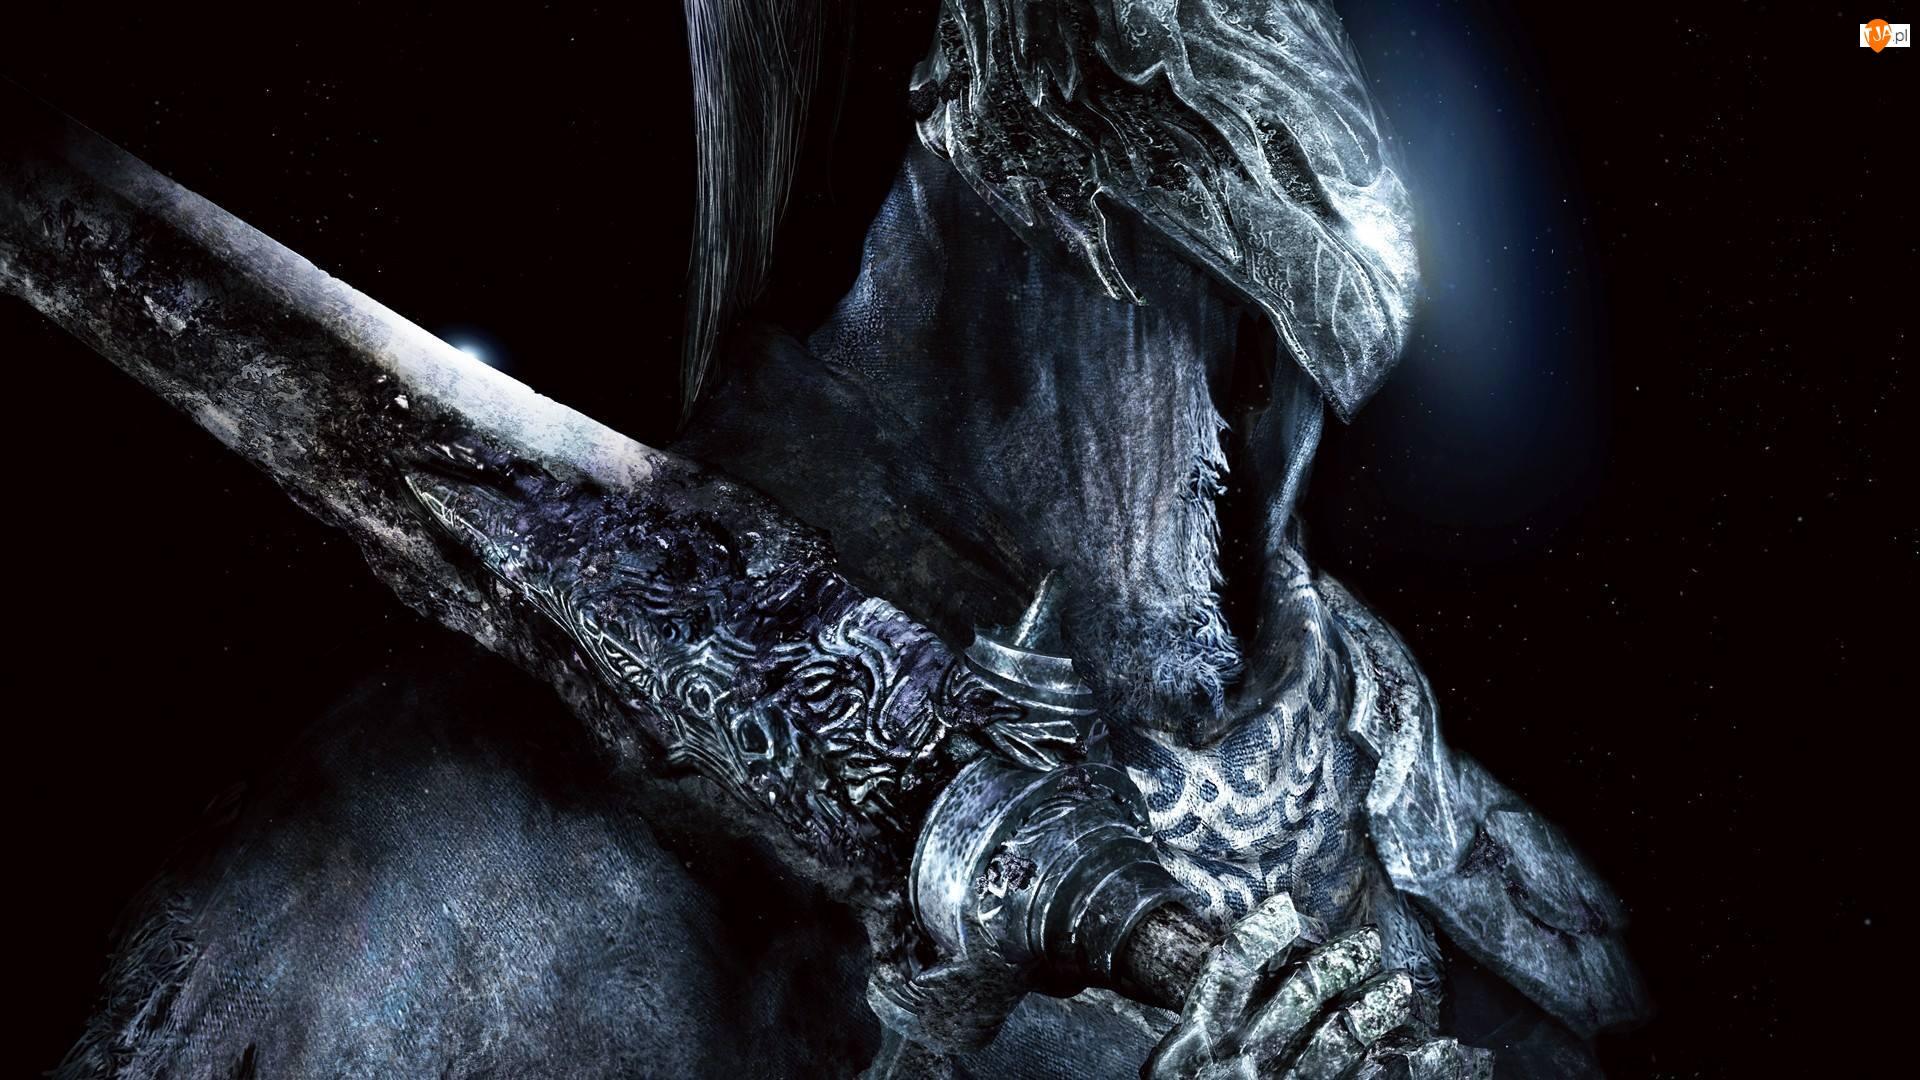 Rycerz, Zbroja, Dark Souls: Prepare to Die Edition, Gra, Mrok